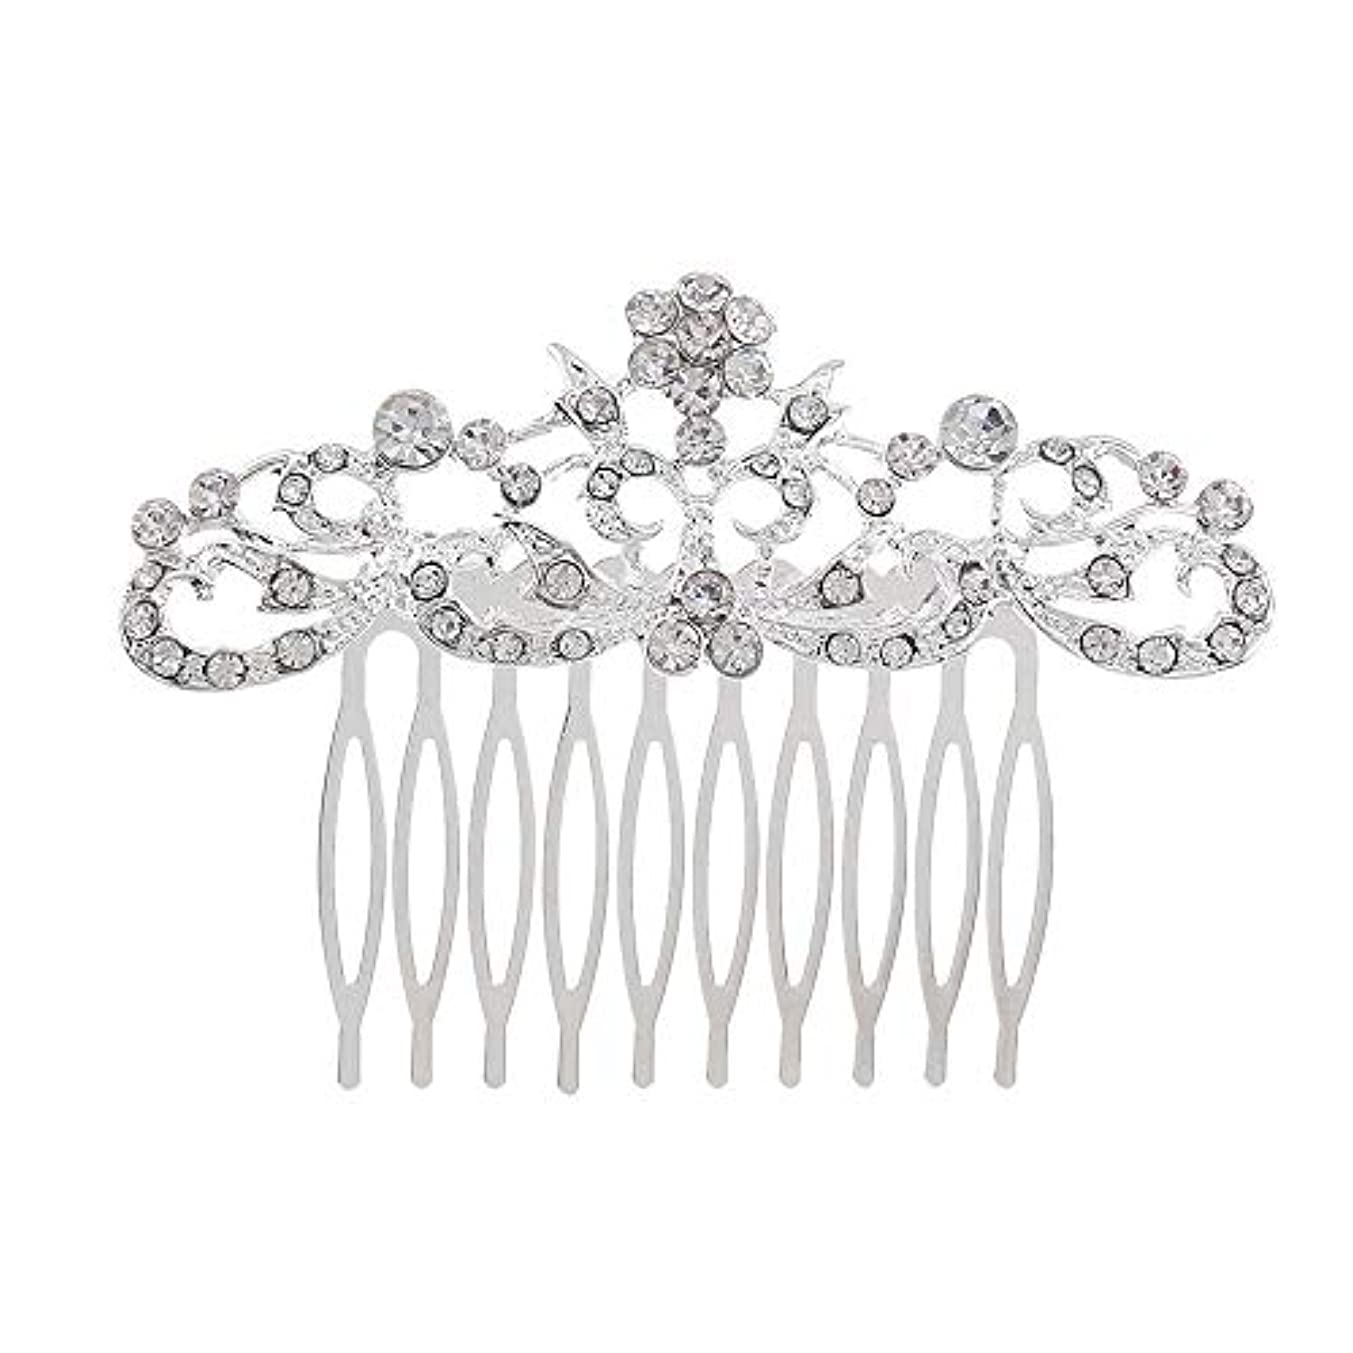 登山家比較的マカダム髪の櫛の櫛の櫛の花嫁の髪の櫛のファッションラインストーンの櫛の櫛の花嫁の頭飾りの結婚式のアクセサリー